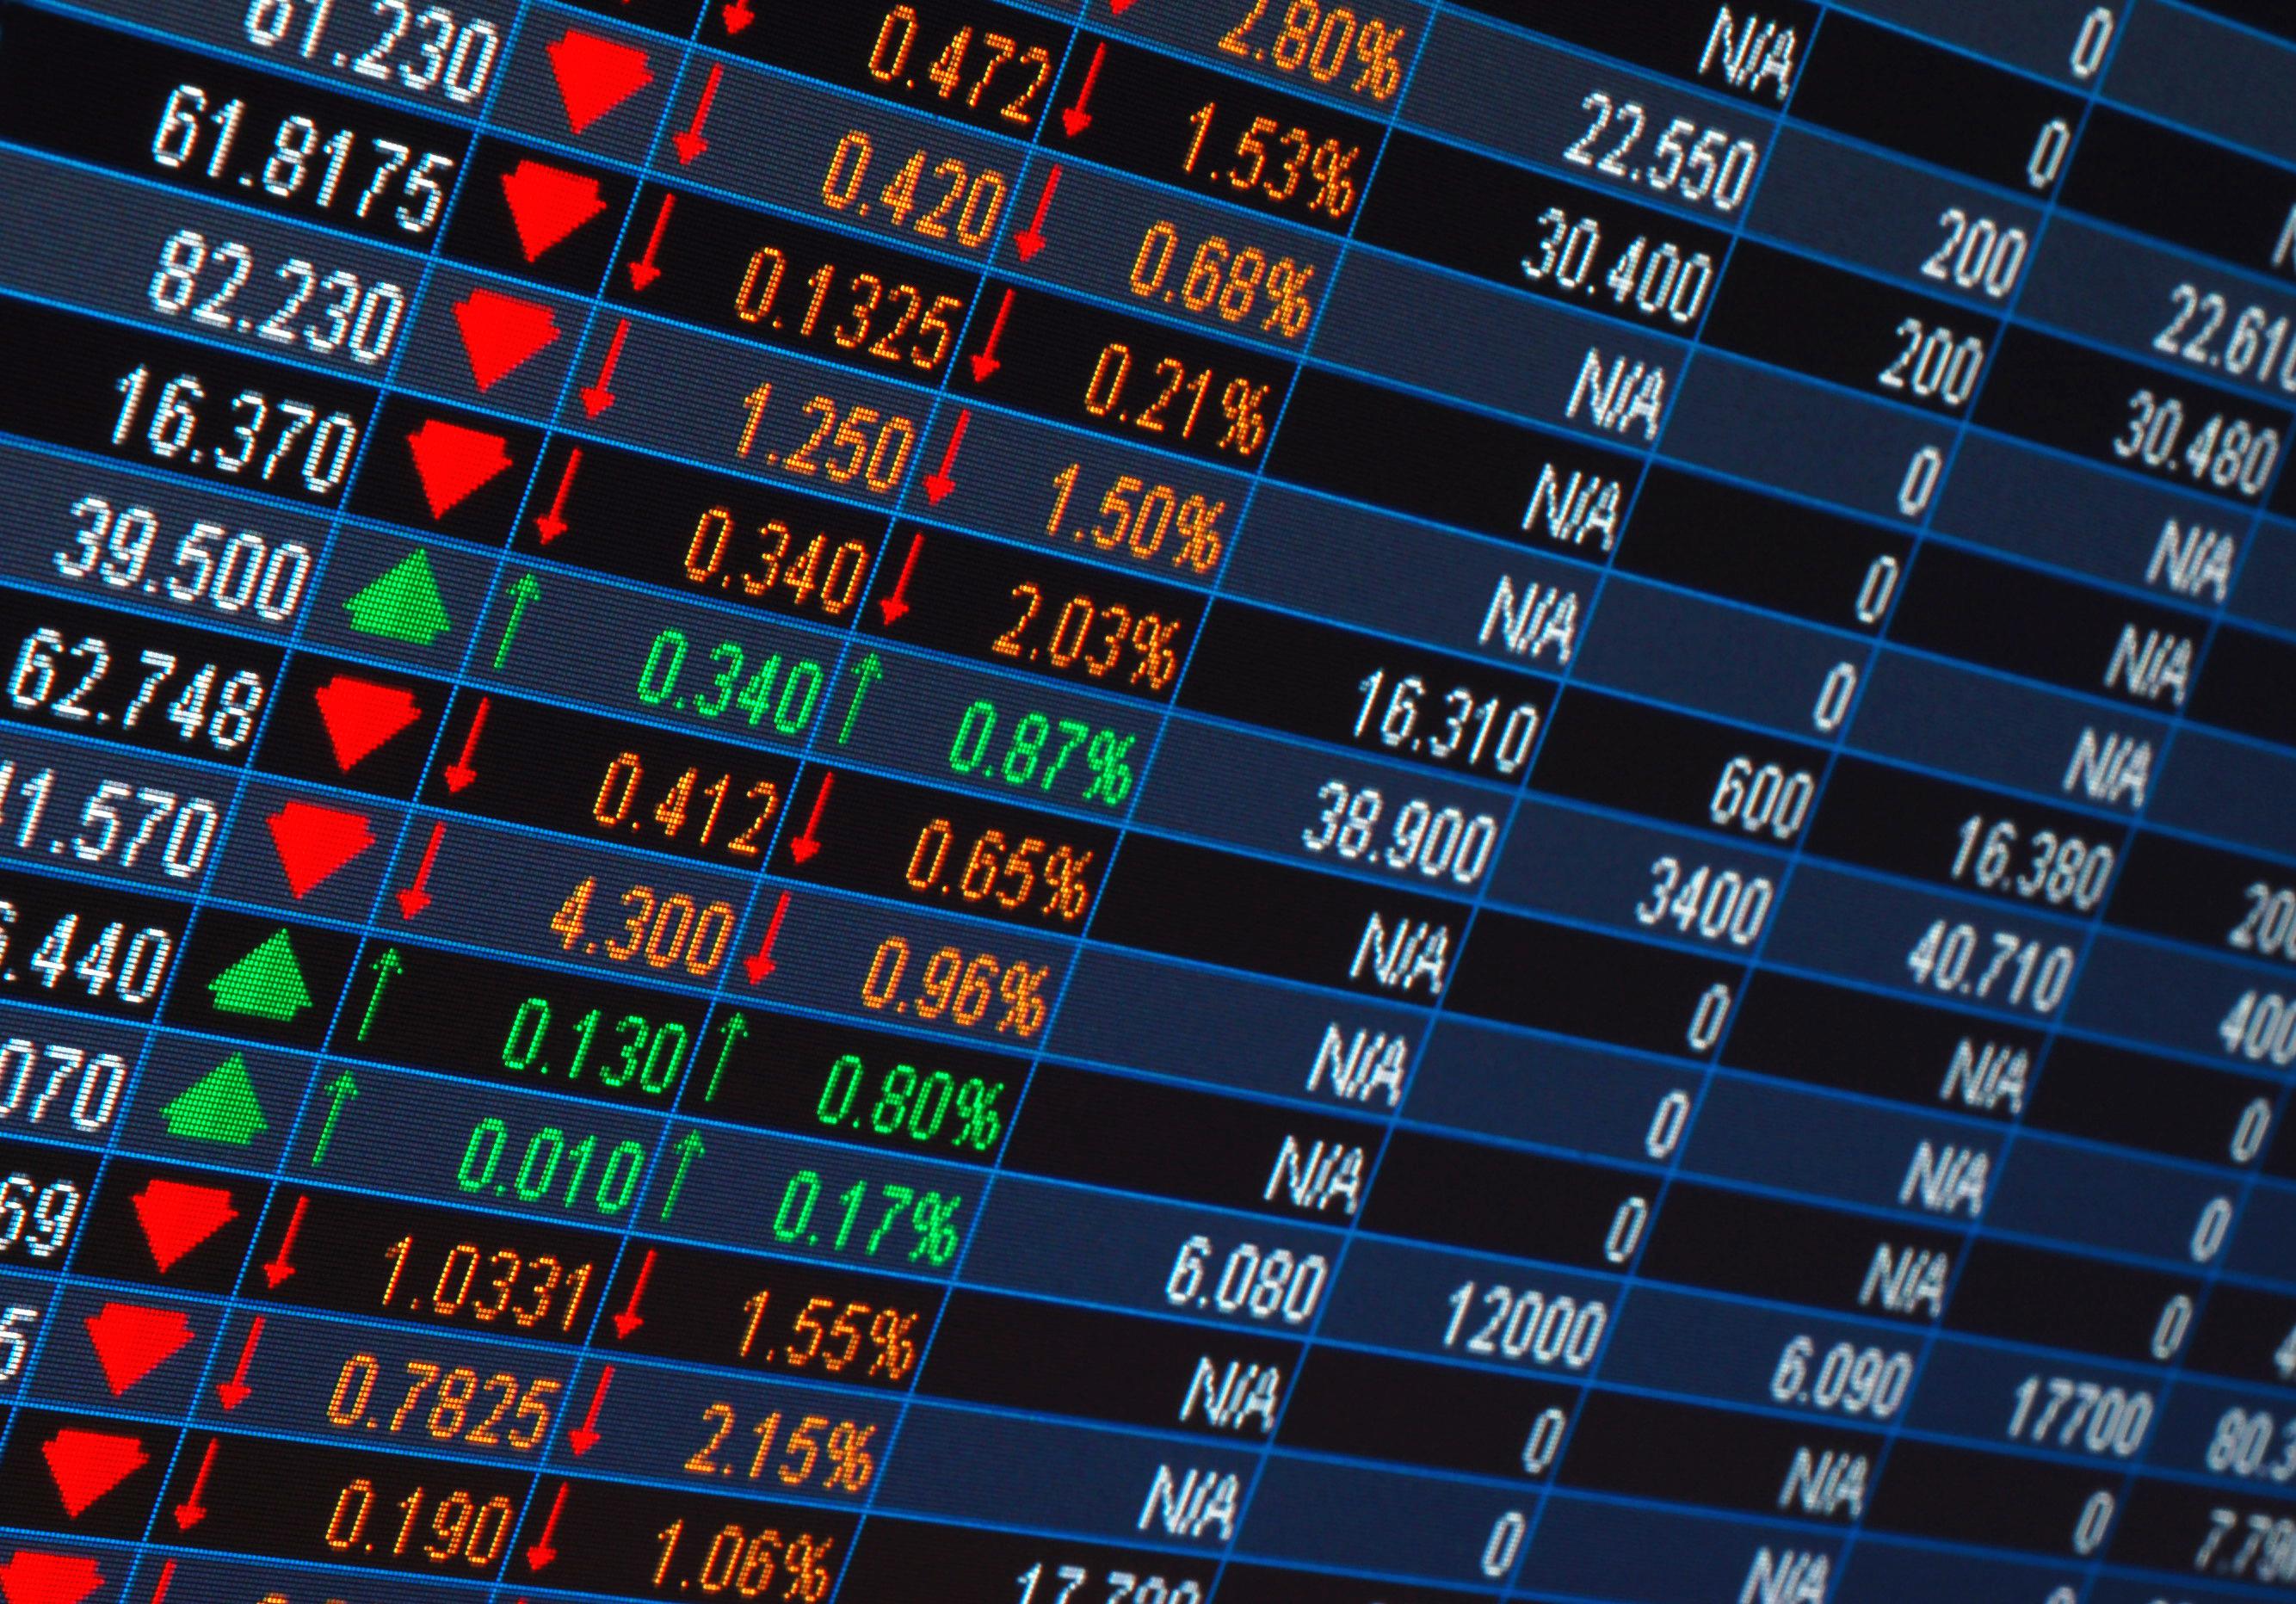 證券交易所如何審查經濟和政治